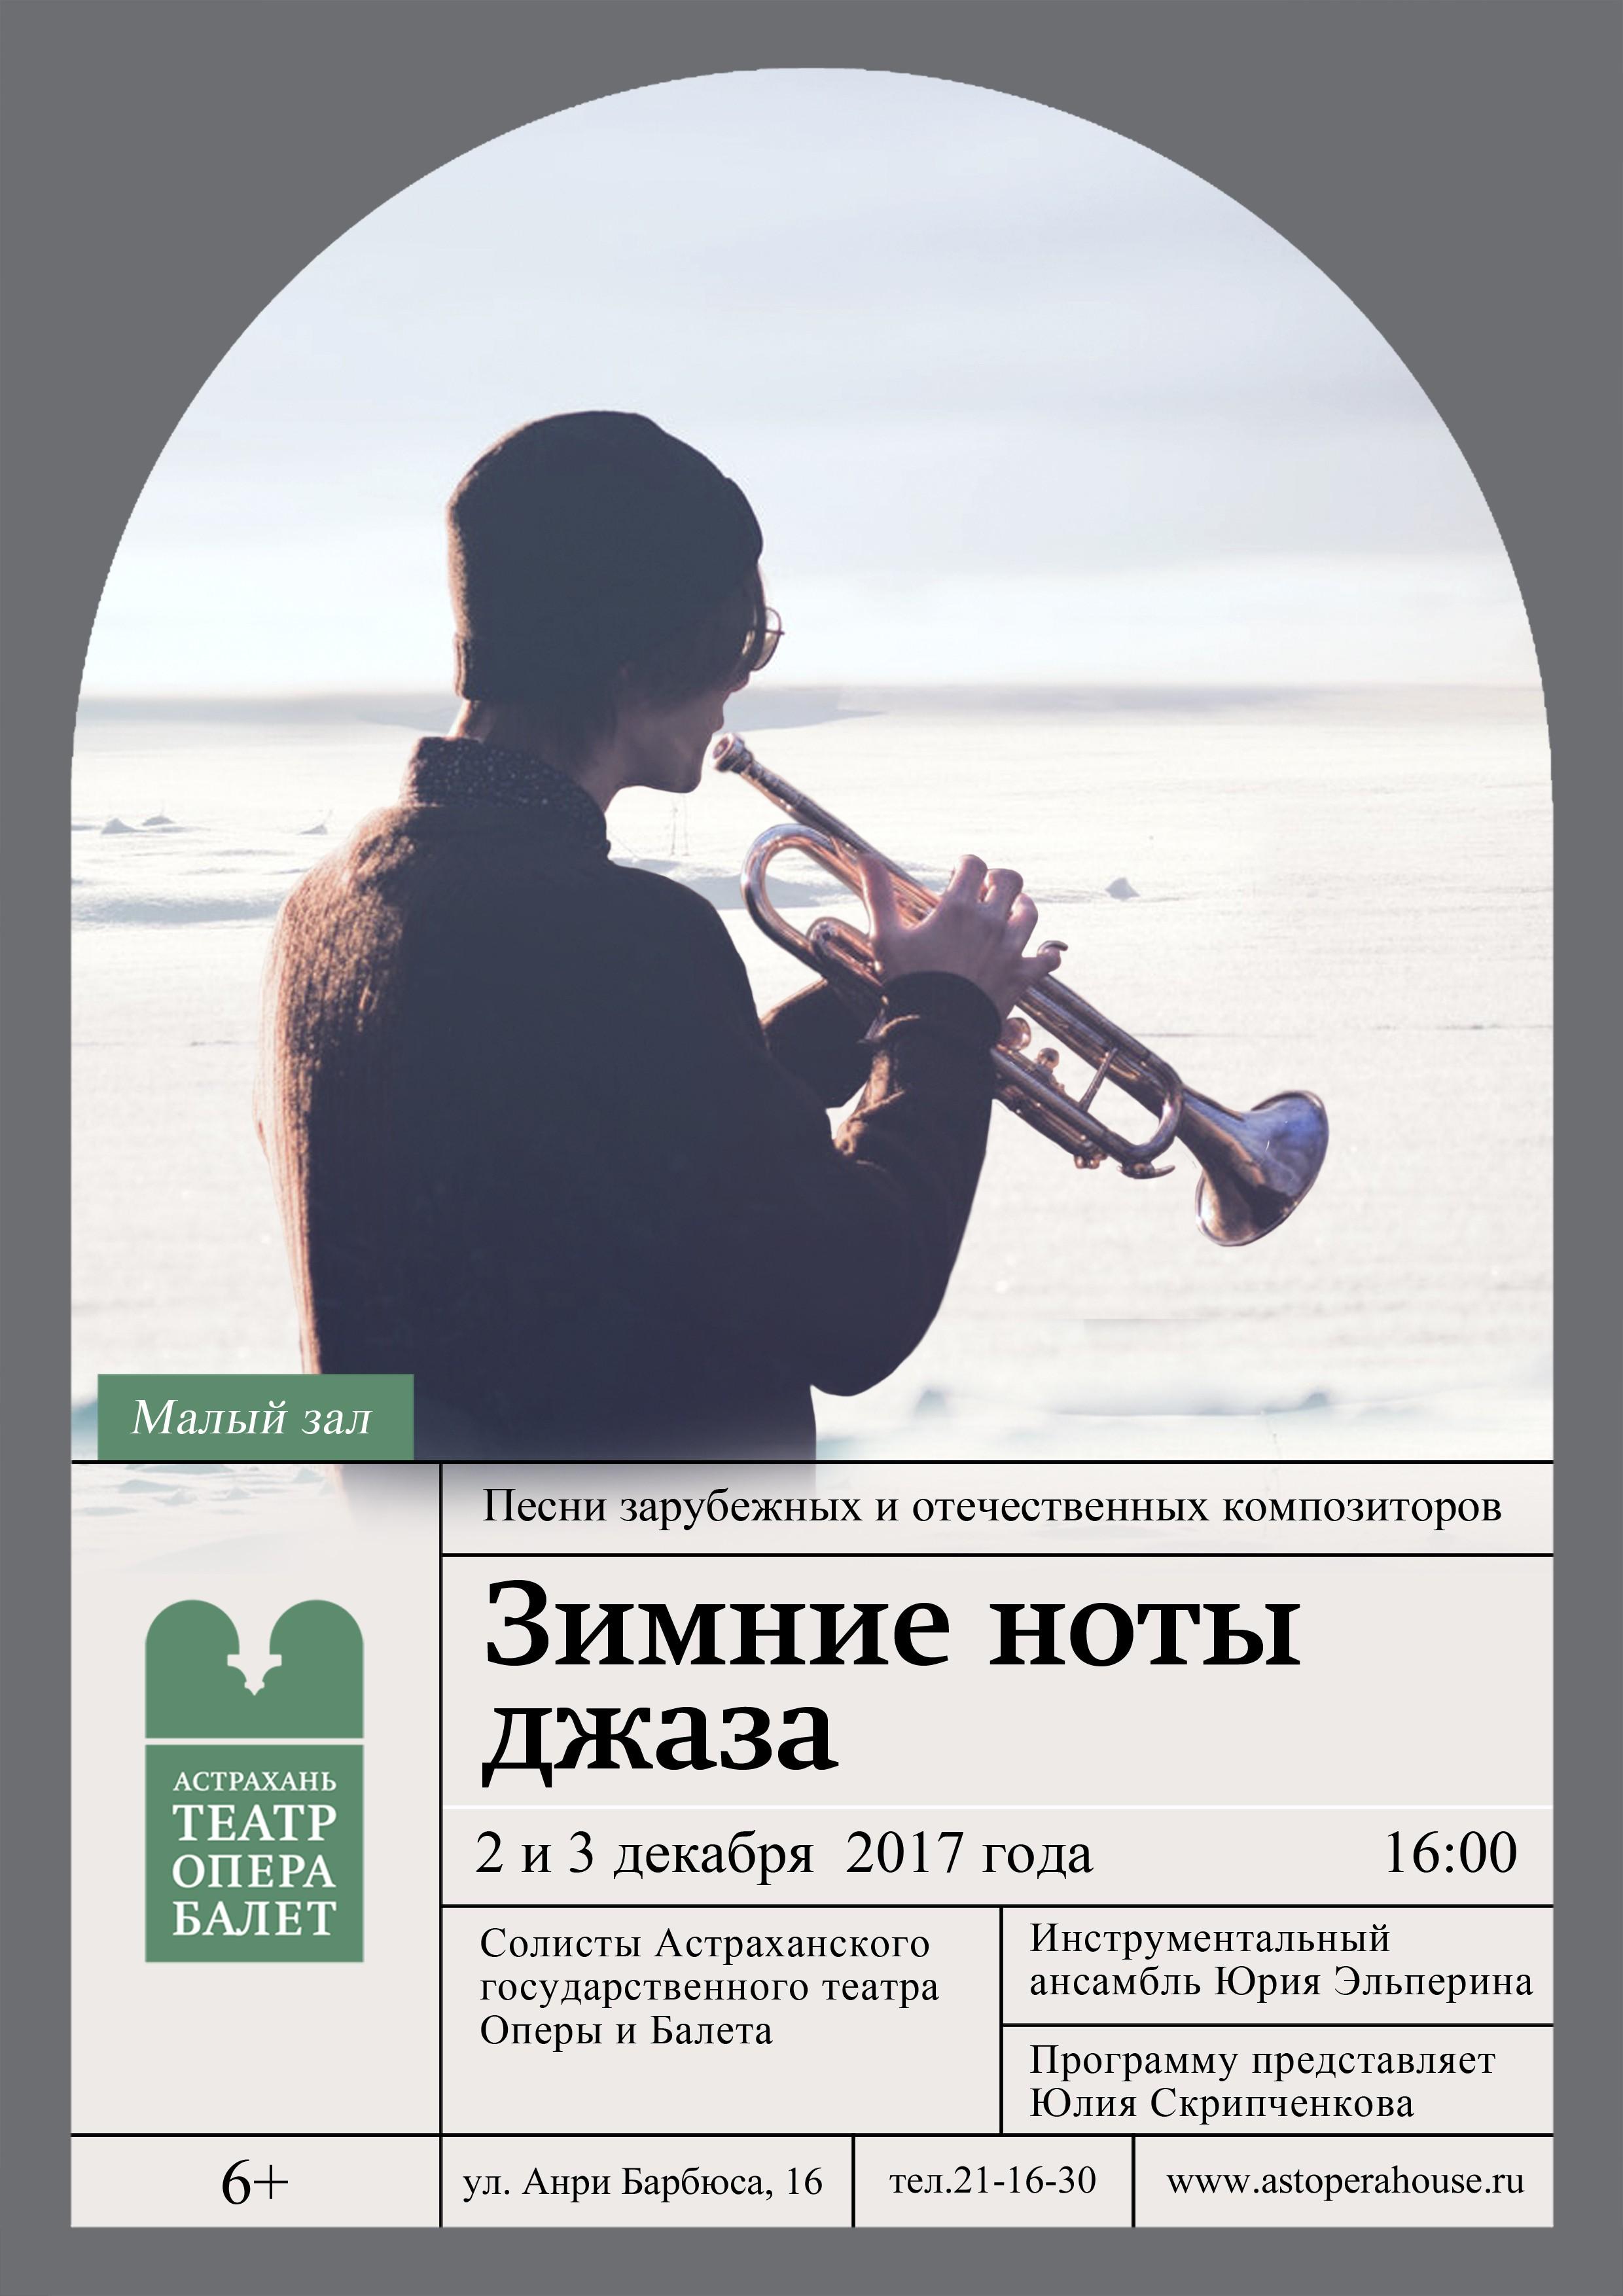 Зимние ноты джаза